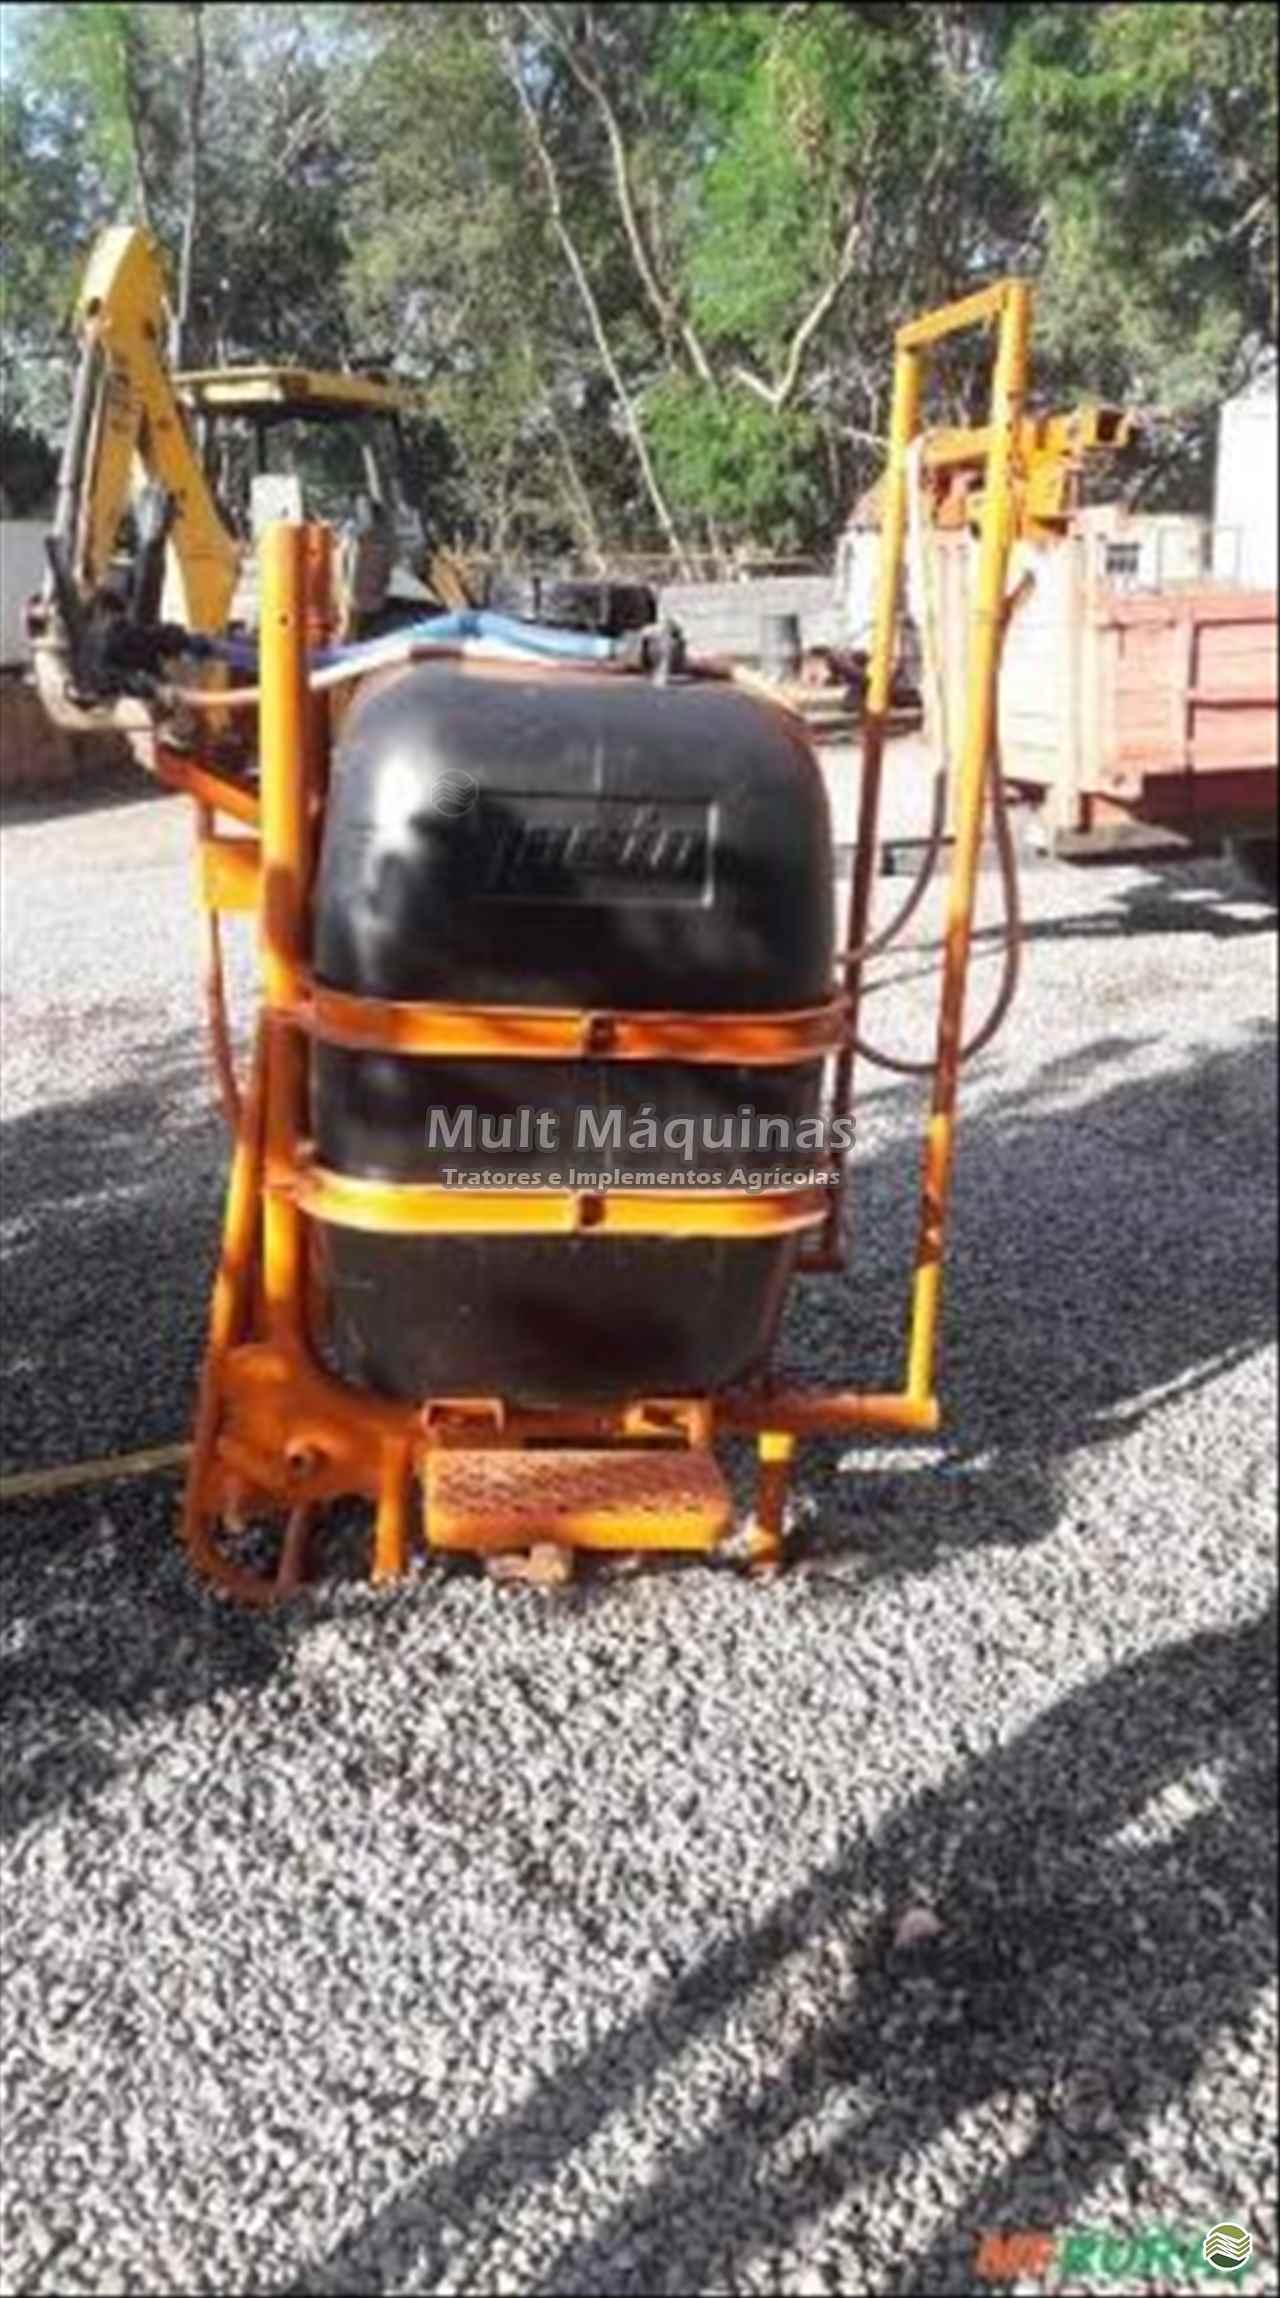 CONDOR 600 AM12 de Mult Máquinas - CUIABA/MT